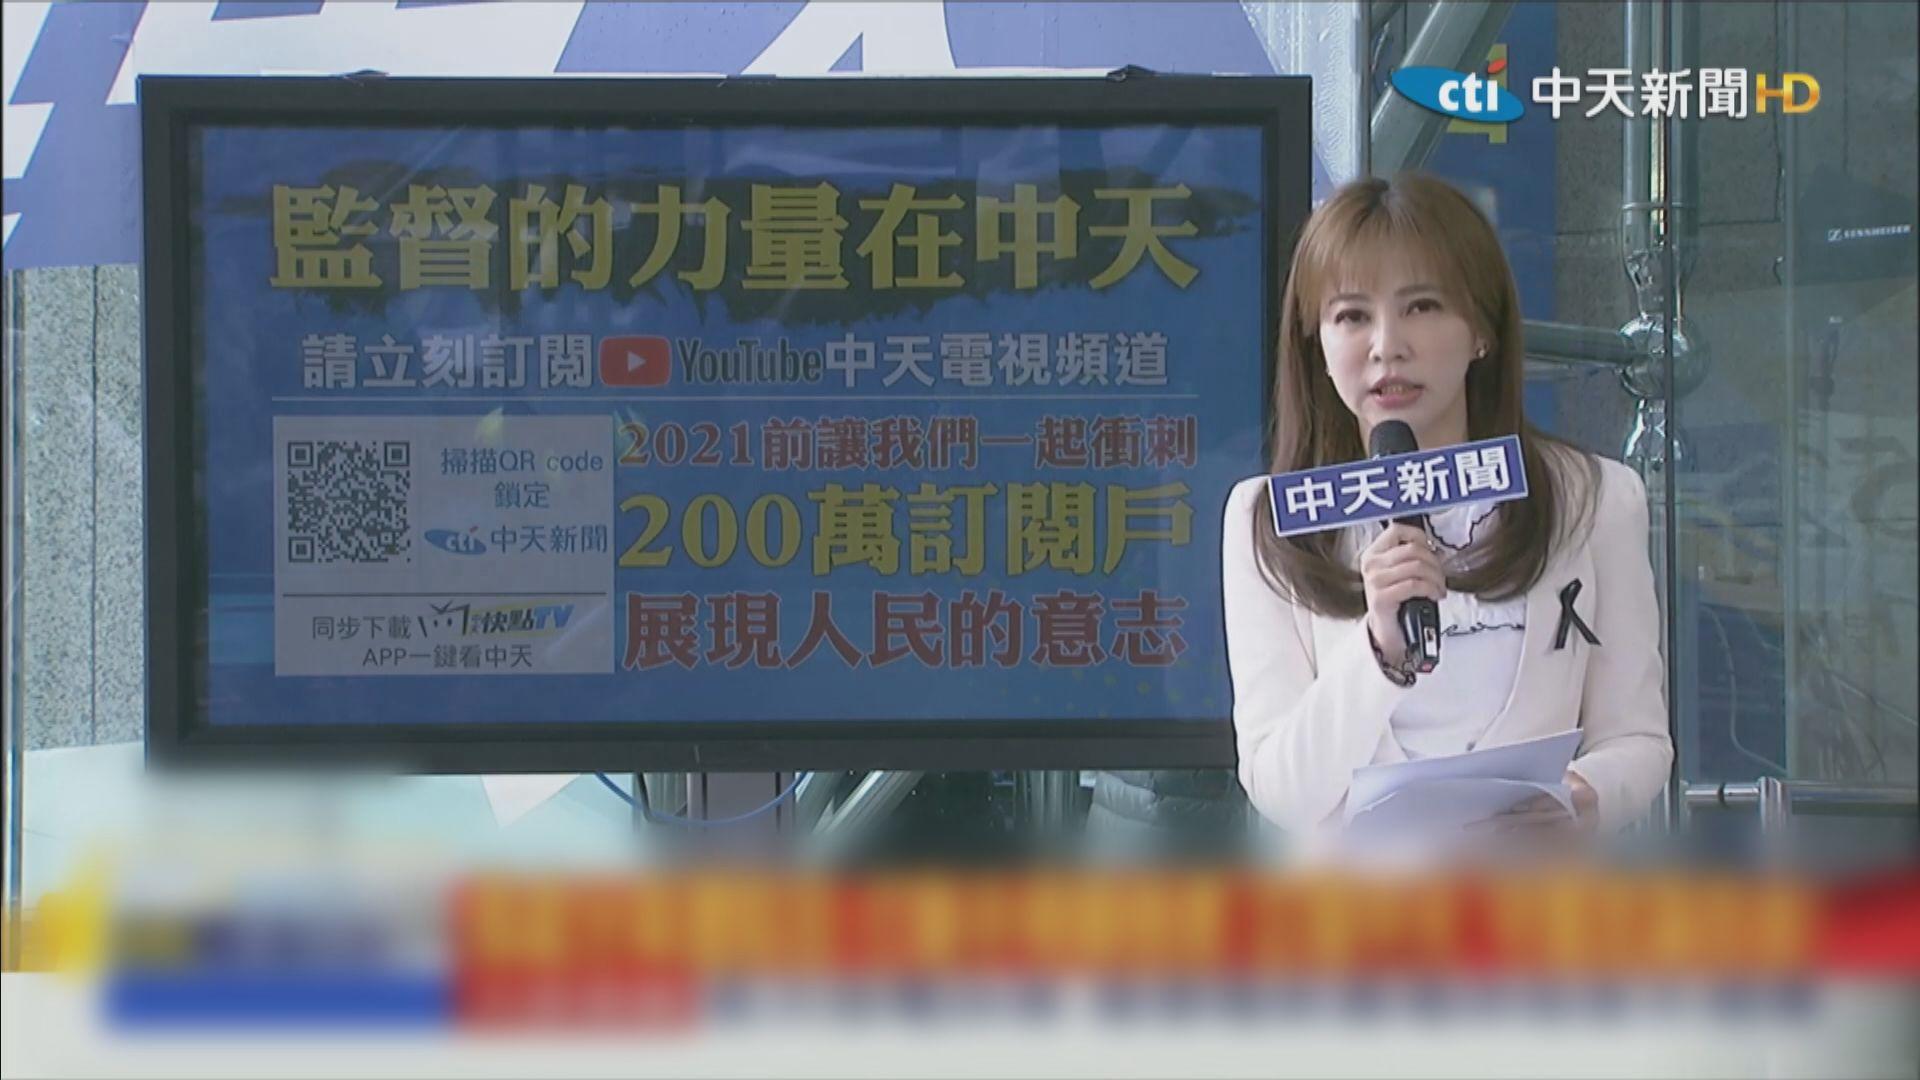 中天新聞台午夜起停播 轉戰網絡